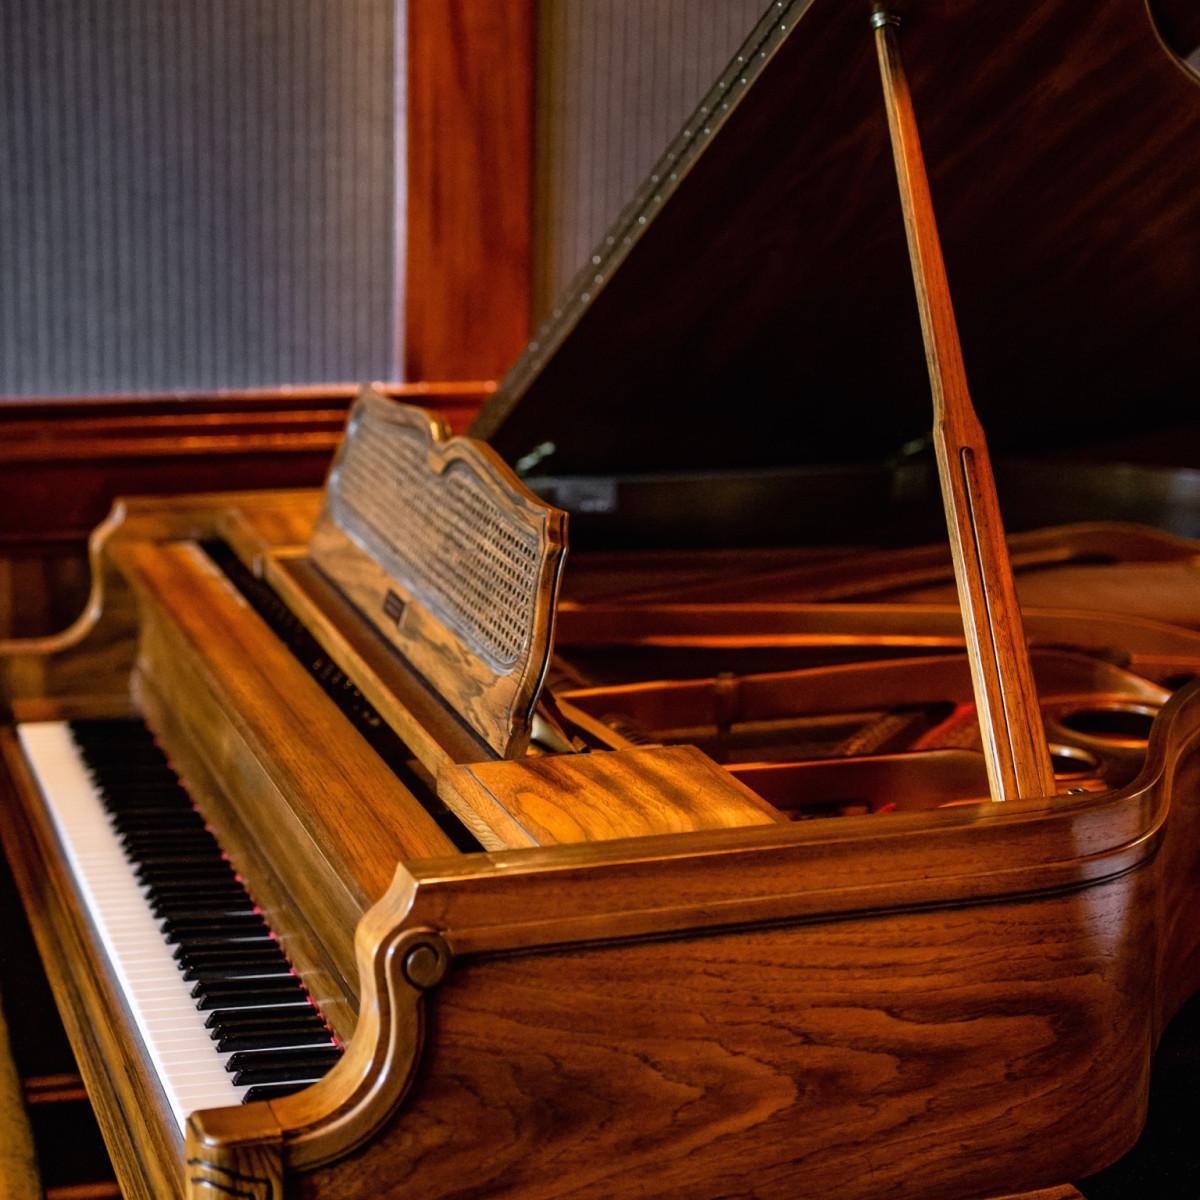 Turner's baby grand piano